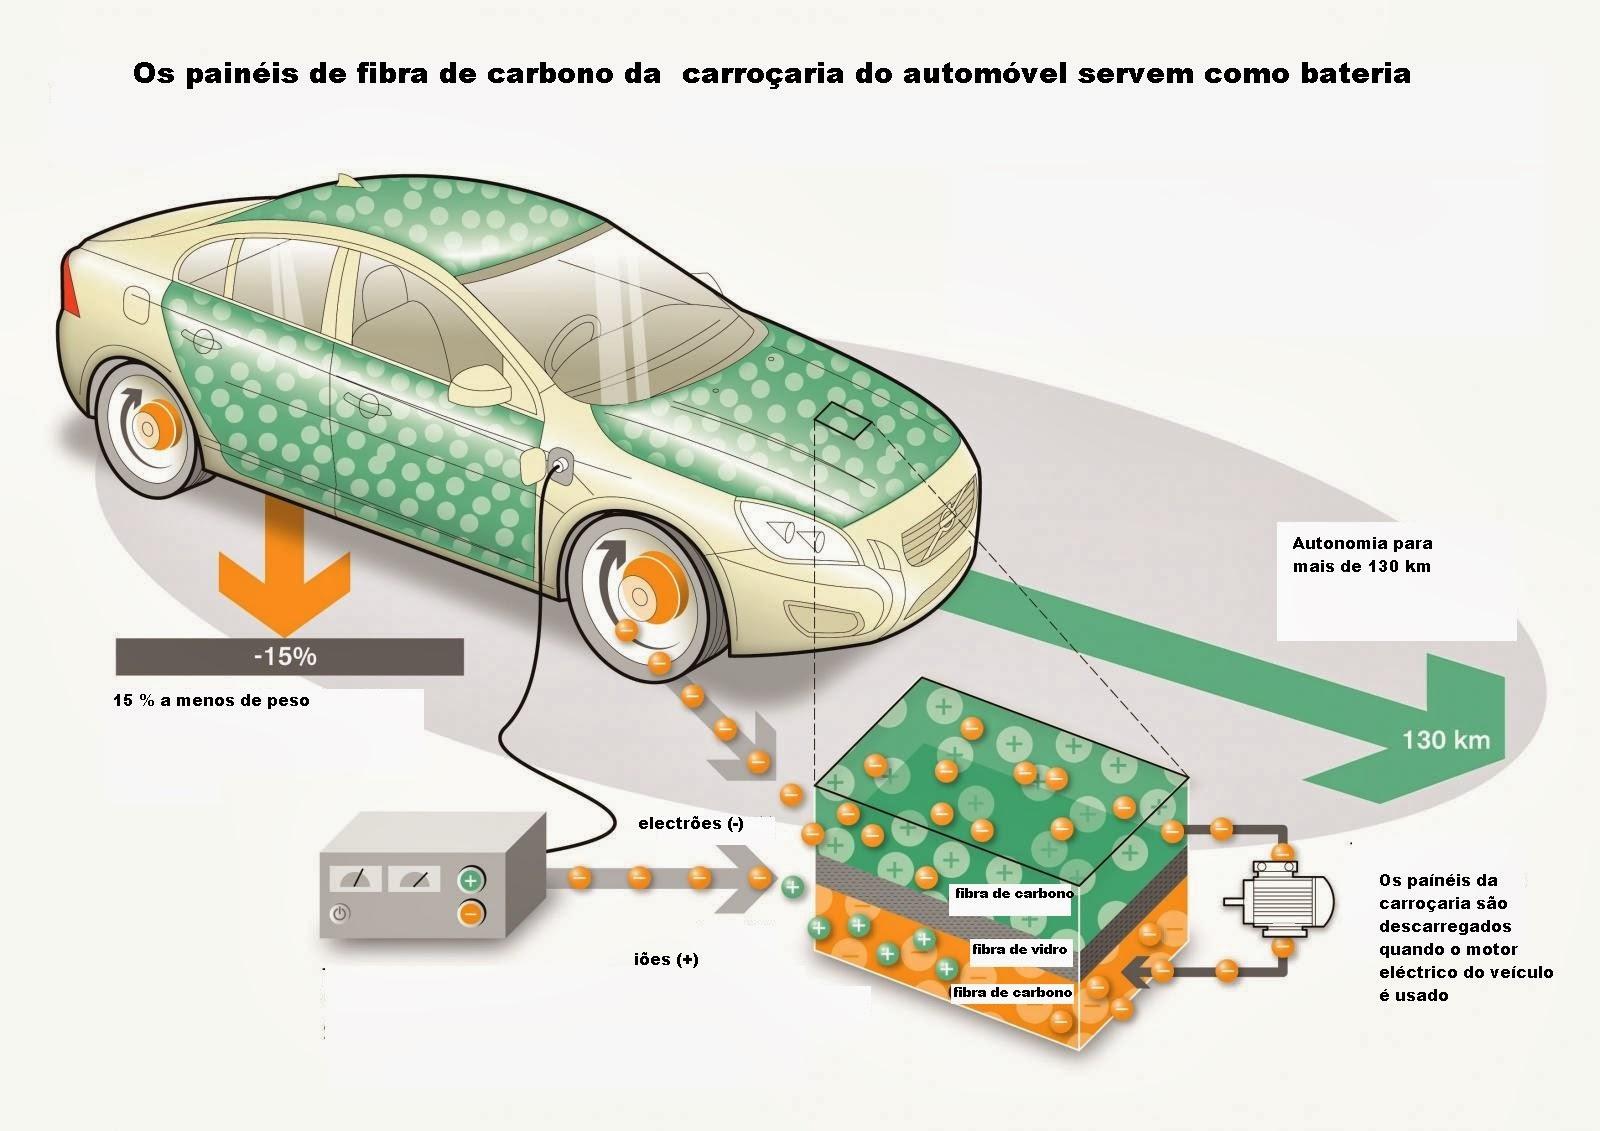 Os painéis de fibra de carbono da carroçaria do automóvel servem de bateria